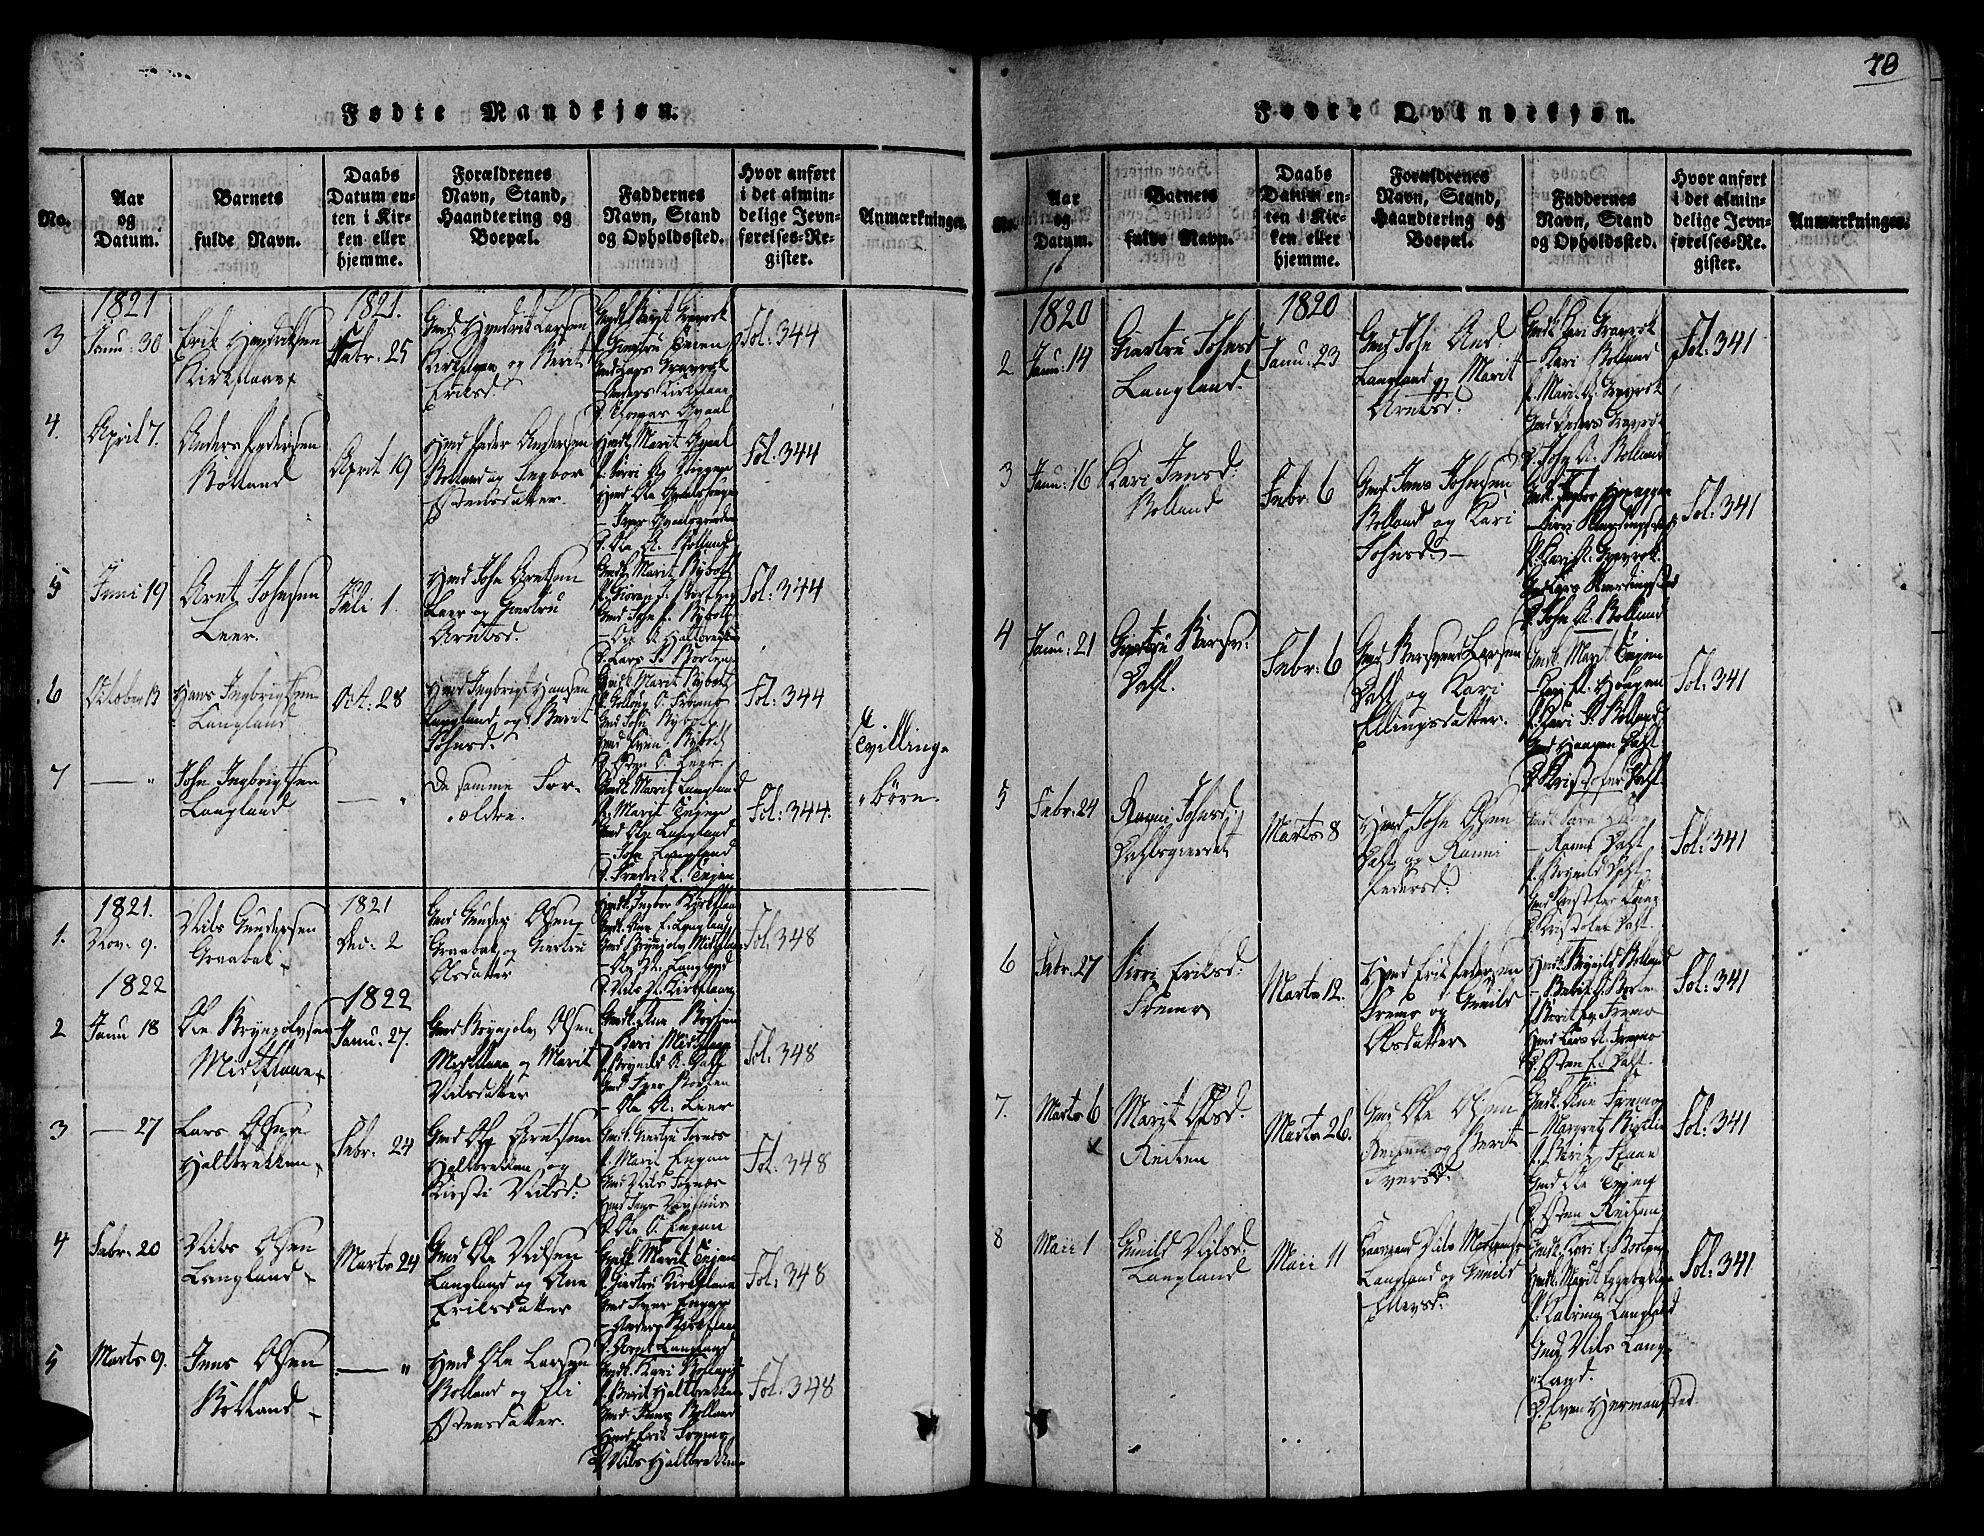 SAT, Ministerialprotokoller, klokkerbøker og fødselsregistre - Sør-Trøndelag, 691/L1066: Ministerialbok nr. 691A03 /2, 1816-1826, s. 70